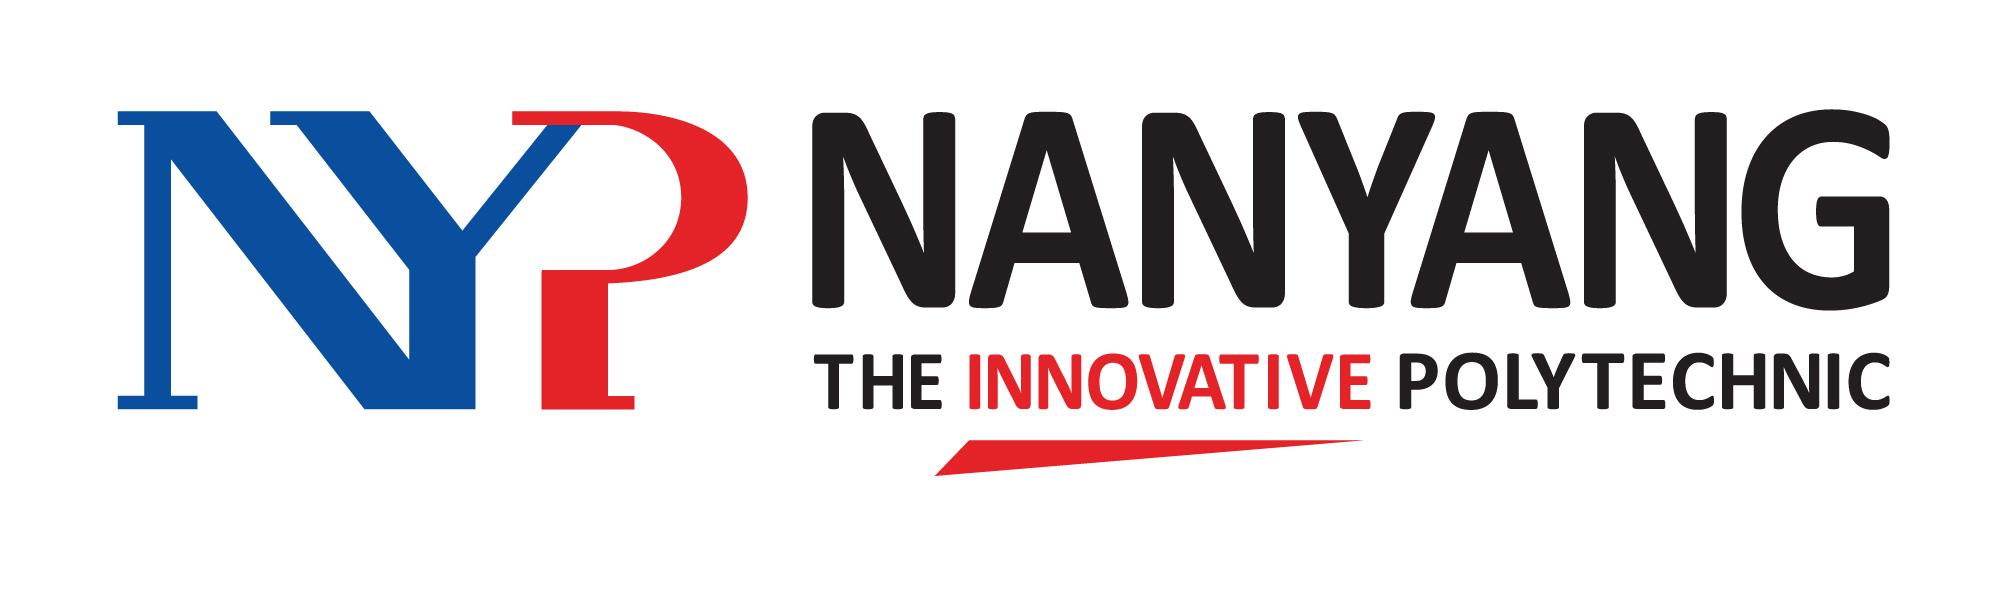 Nanyang